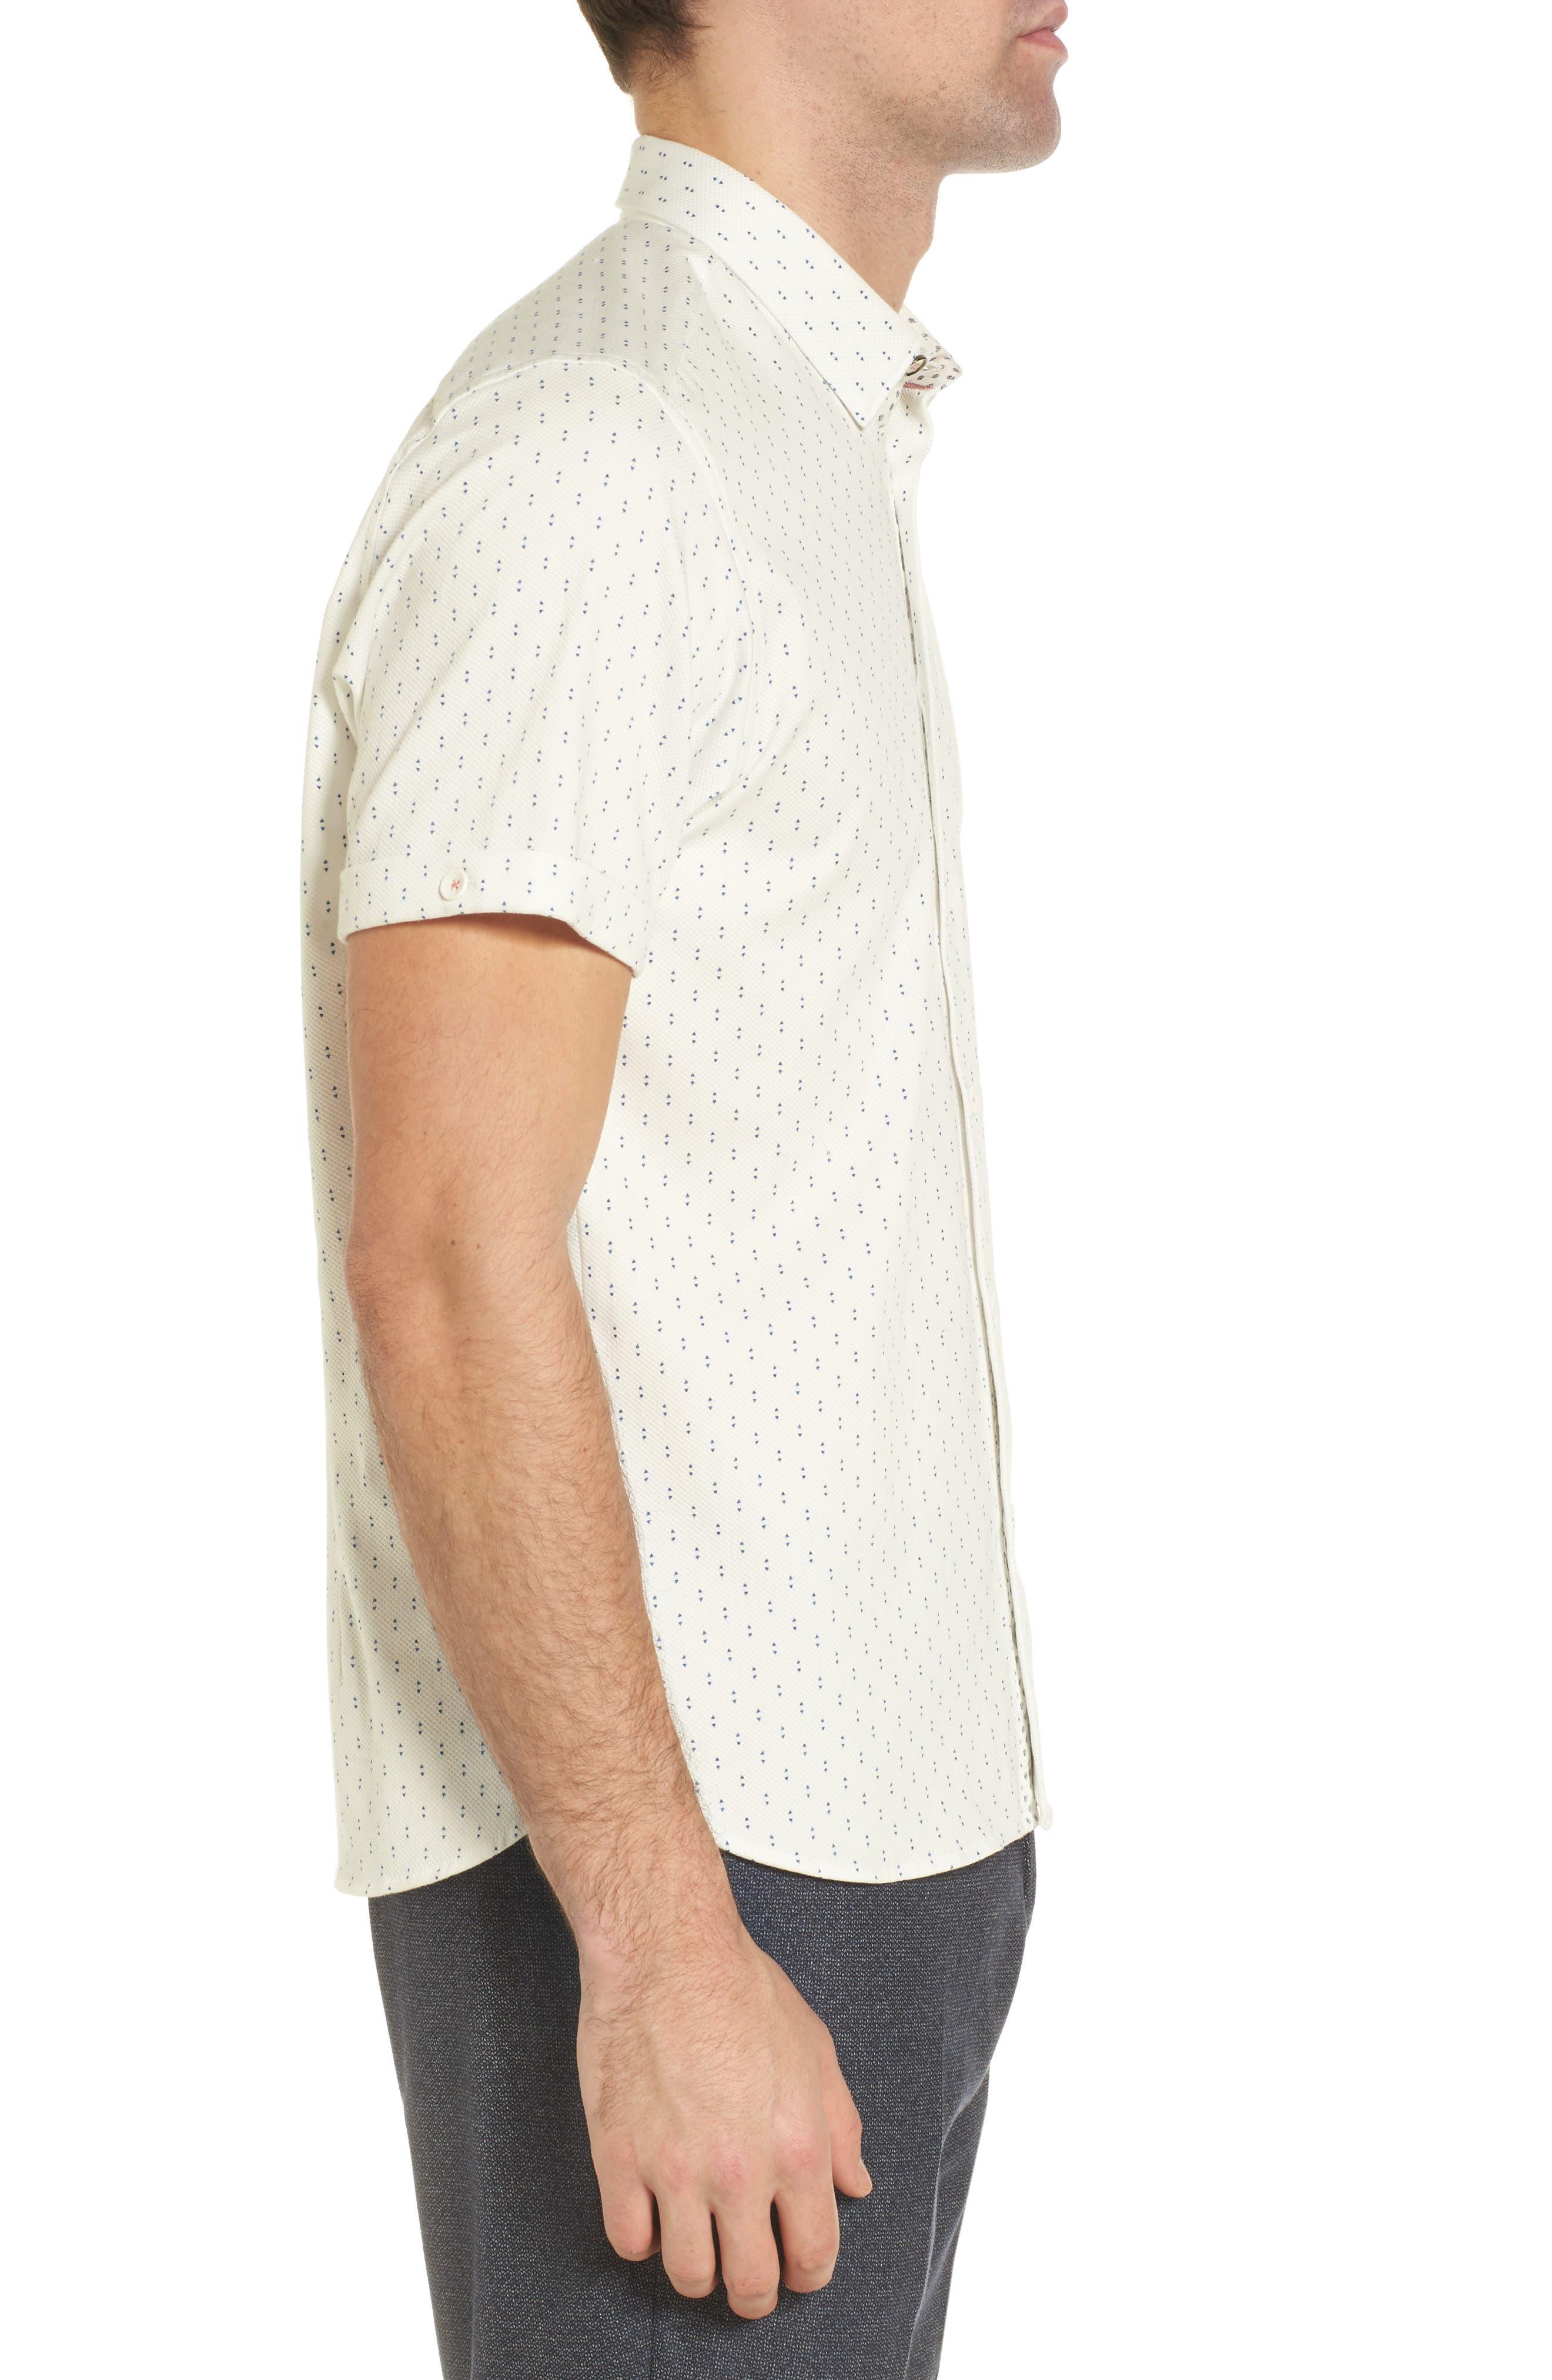 TED BAKER LONDON,                             Franko Print Sport Shirt,                             Alternate thumbnail 3, color,                             100